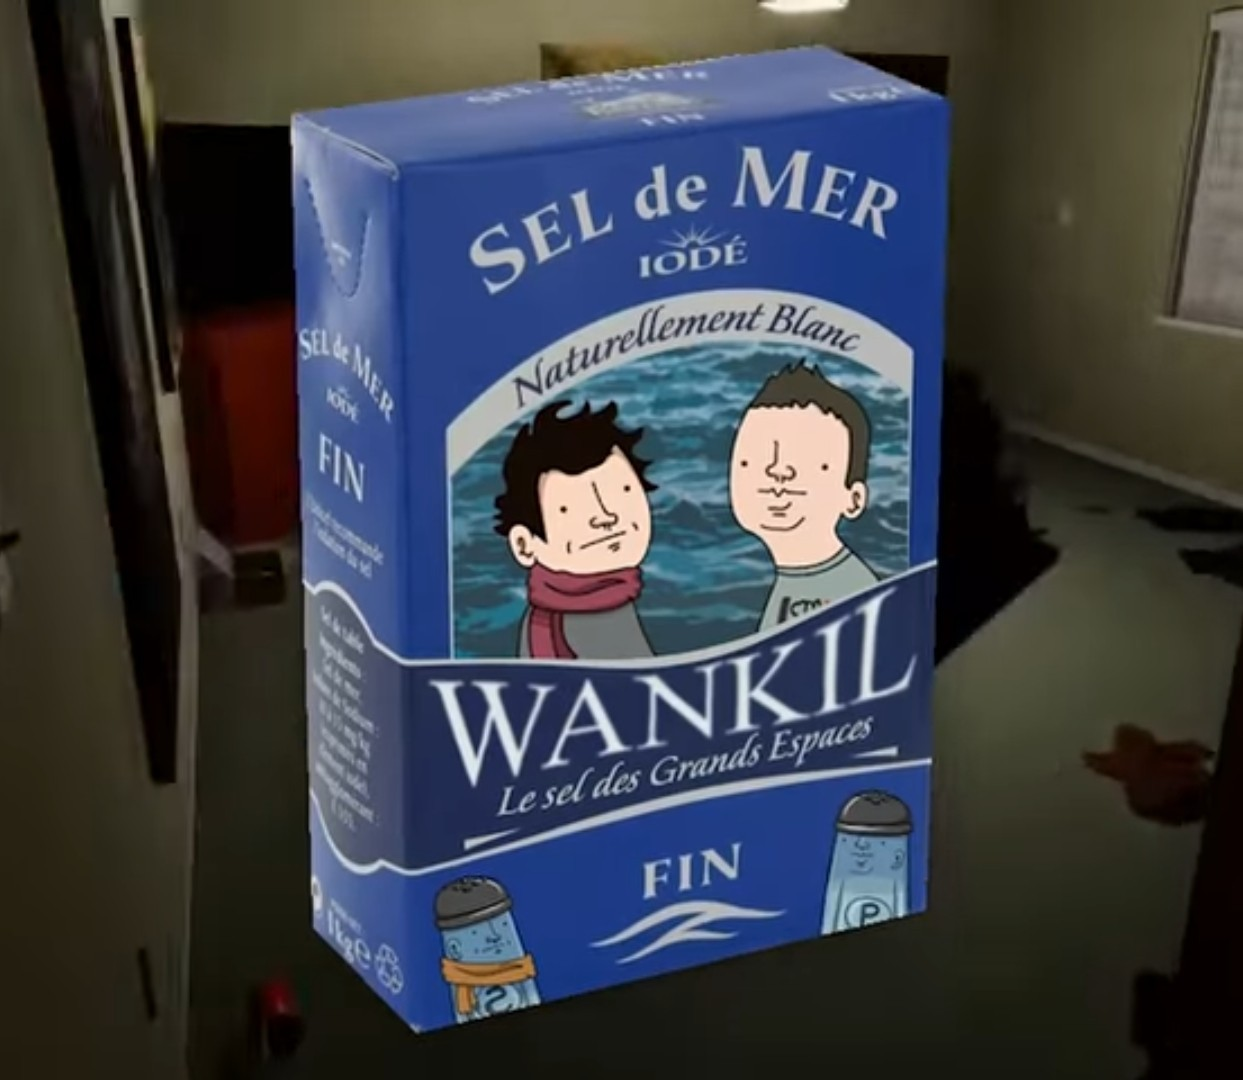 Ha wankil studio... - meme